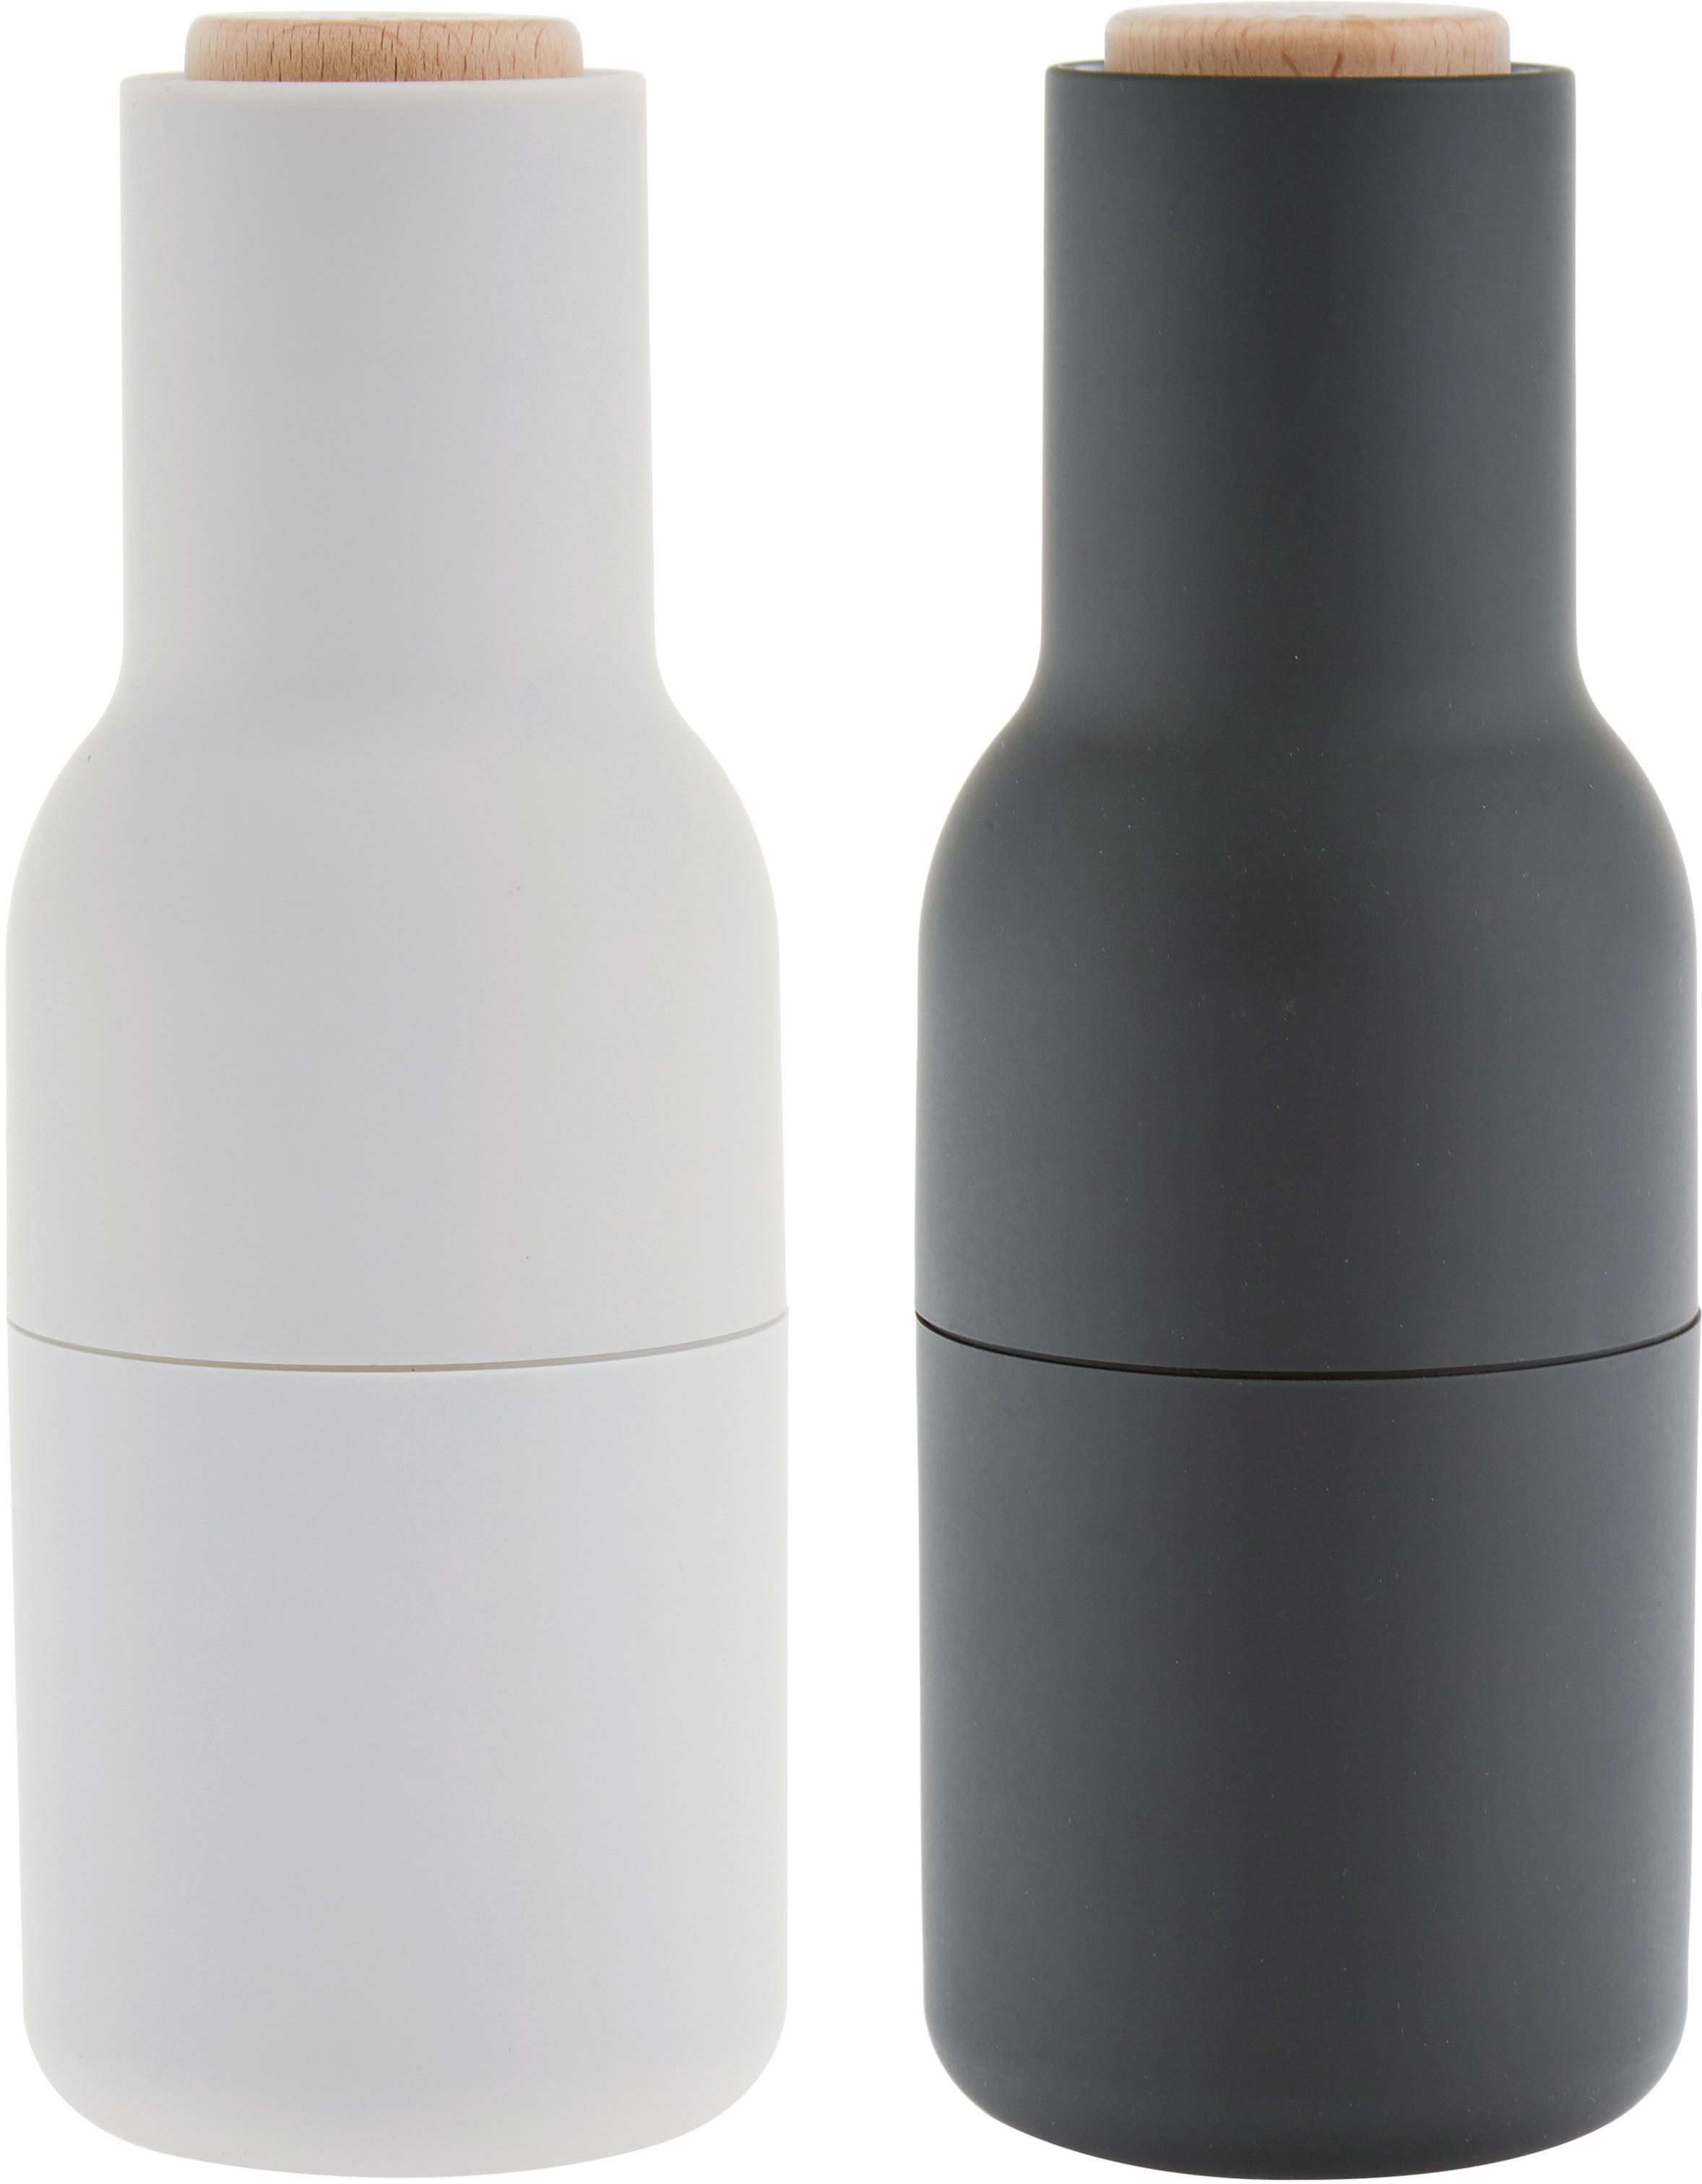 Set macinaspezie Bottle Grinder, 2 pz., Struttura: materiale sintetico, Coperchio: legno, Antracite, grigio chiaro, marrone, Ø 8 x Alt. 21 cm